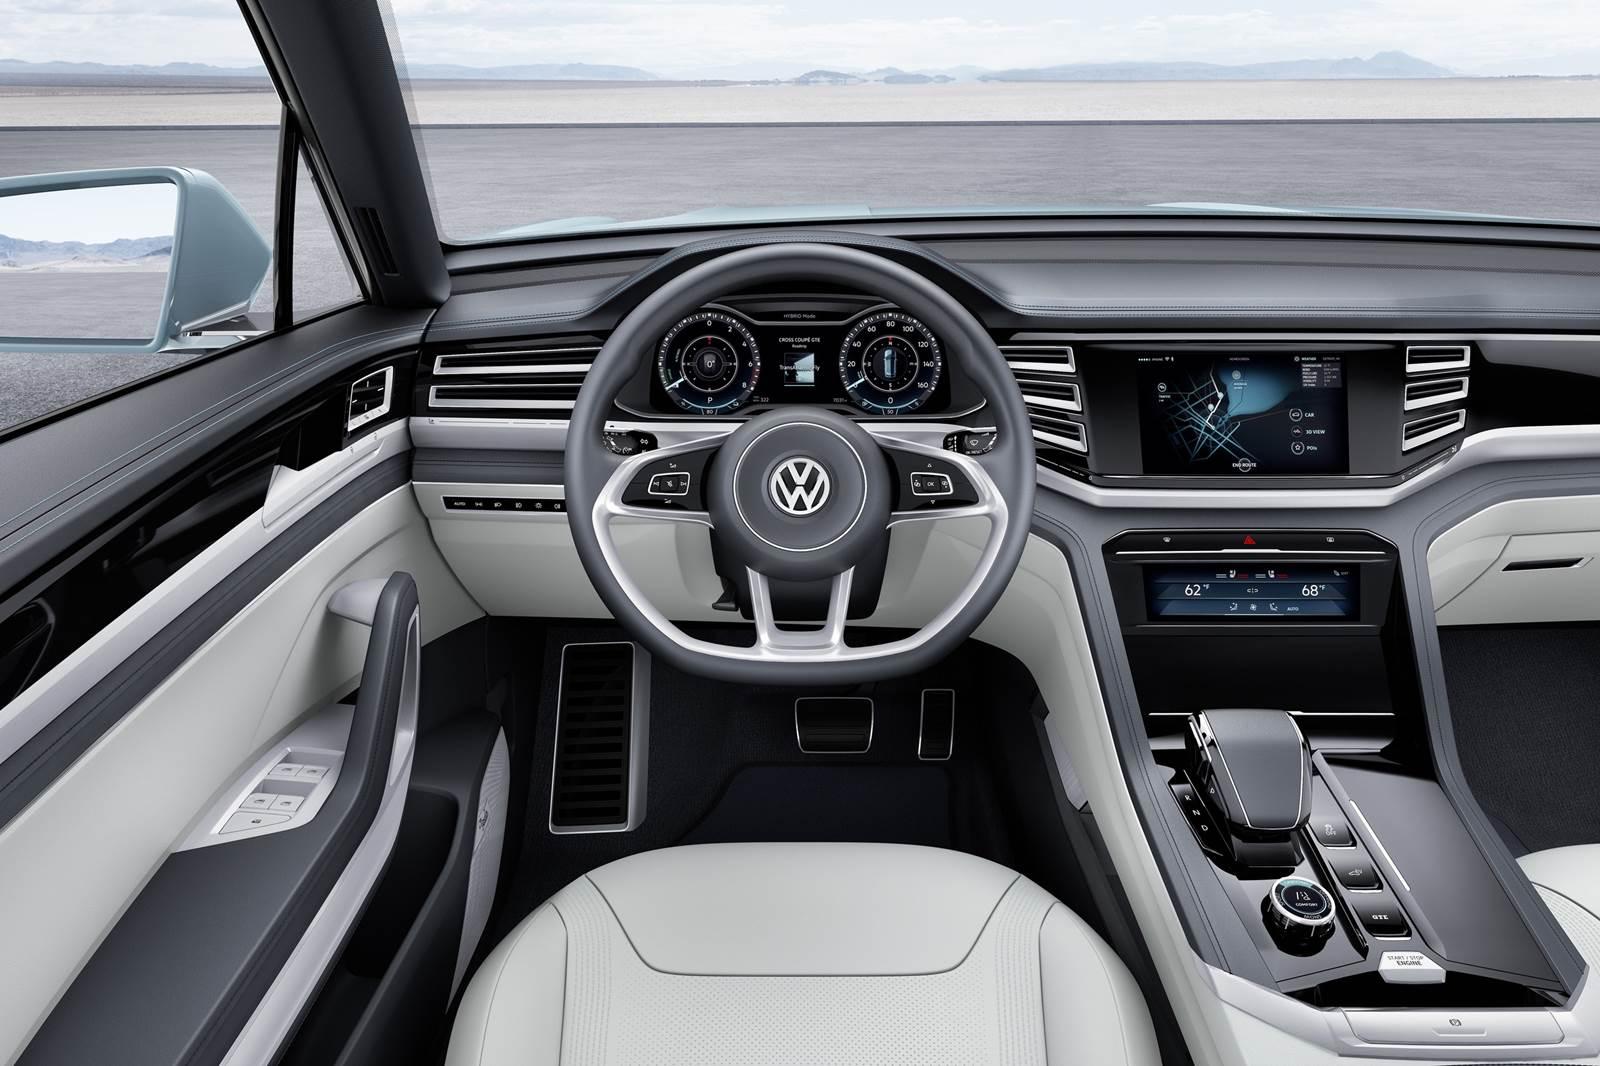 Vw Cross Coupe Gte Release Date >> Volkswagen Cross Coupé GTE antecipa linhas do Golf SUV | CAR.BLOG.BR